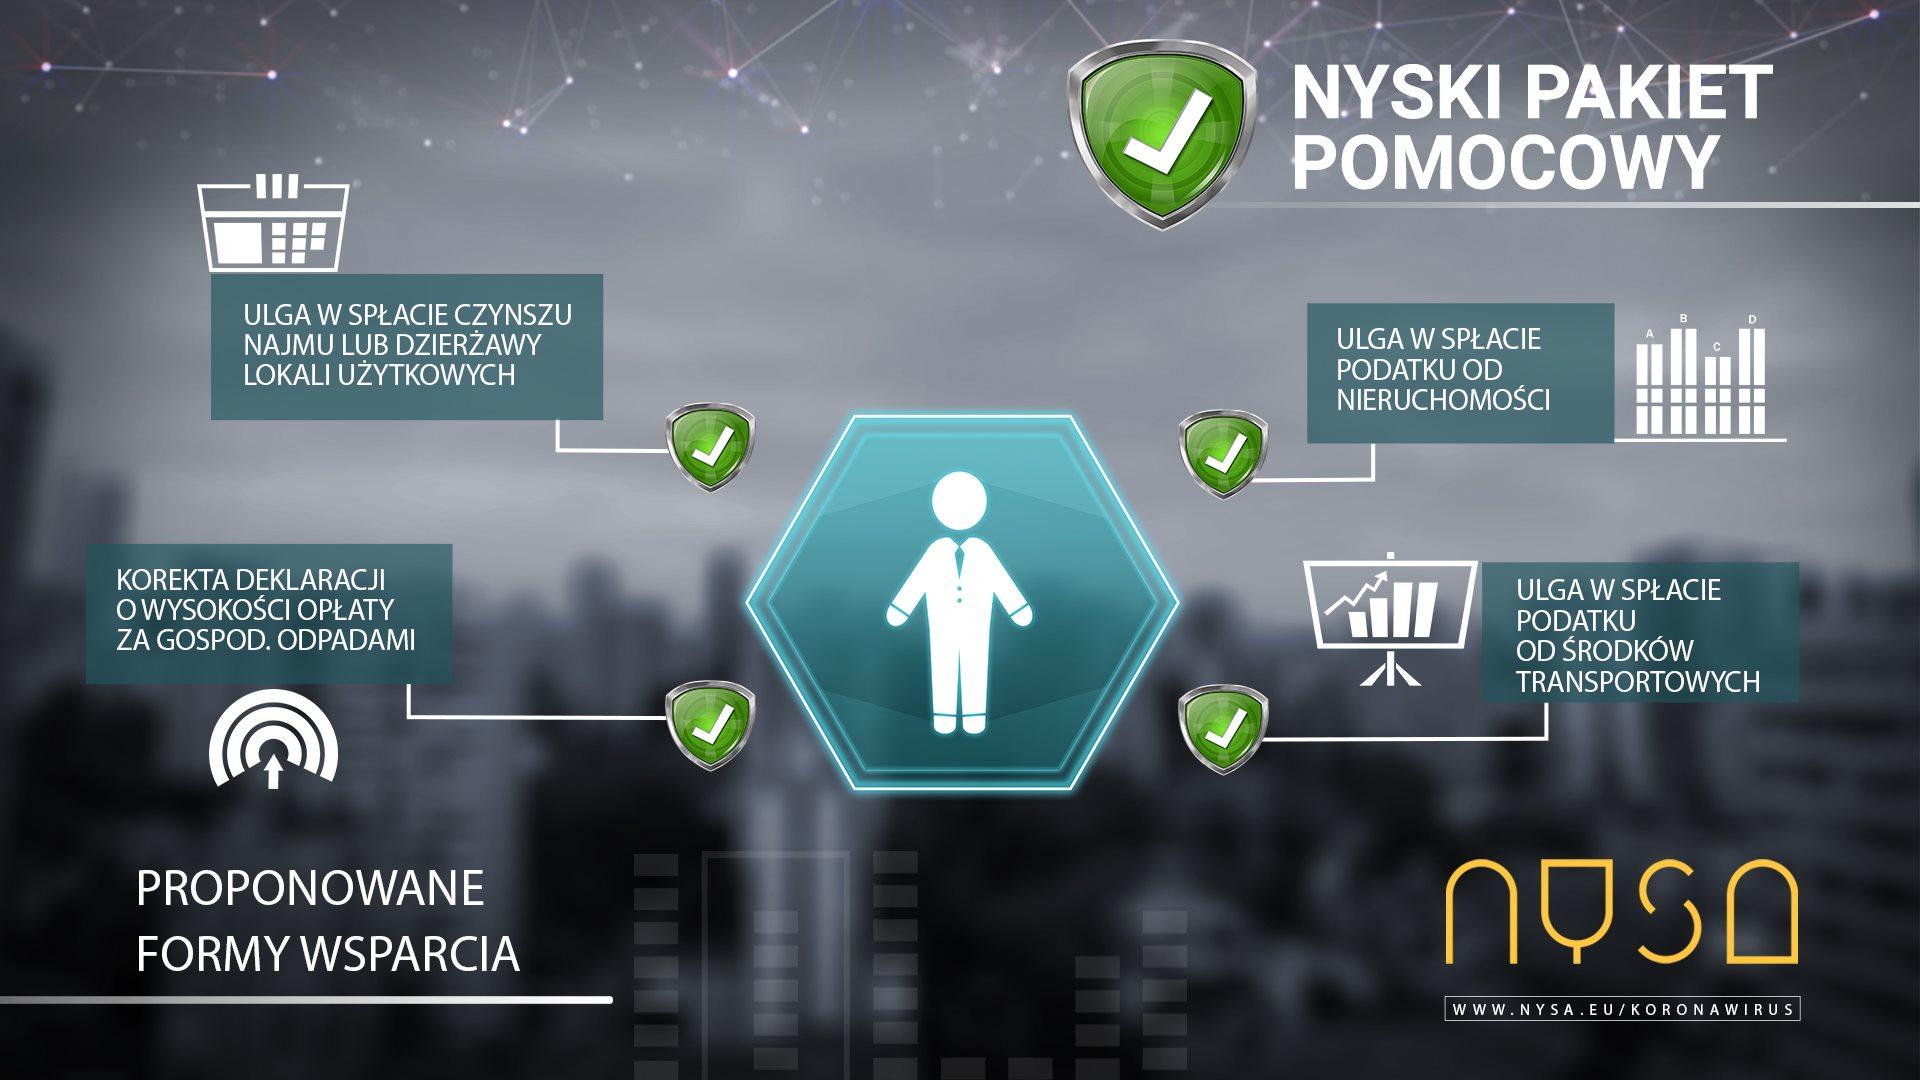 Nyski Pakiet Pomocowy dla Przedsiębiorców